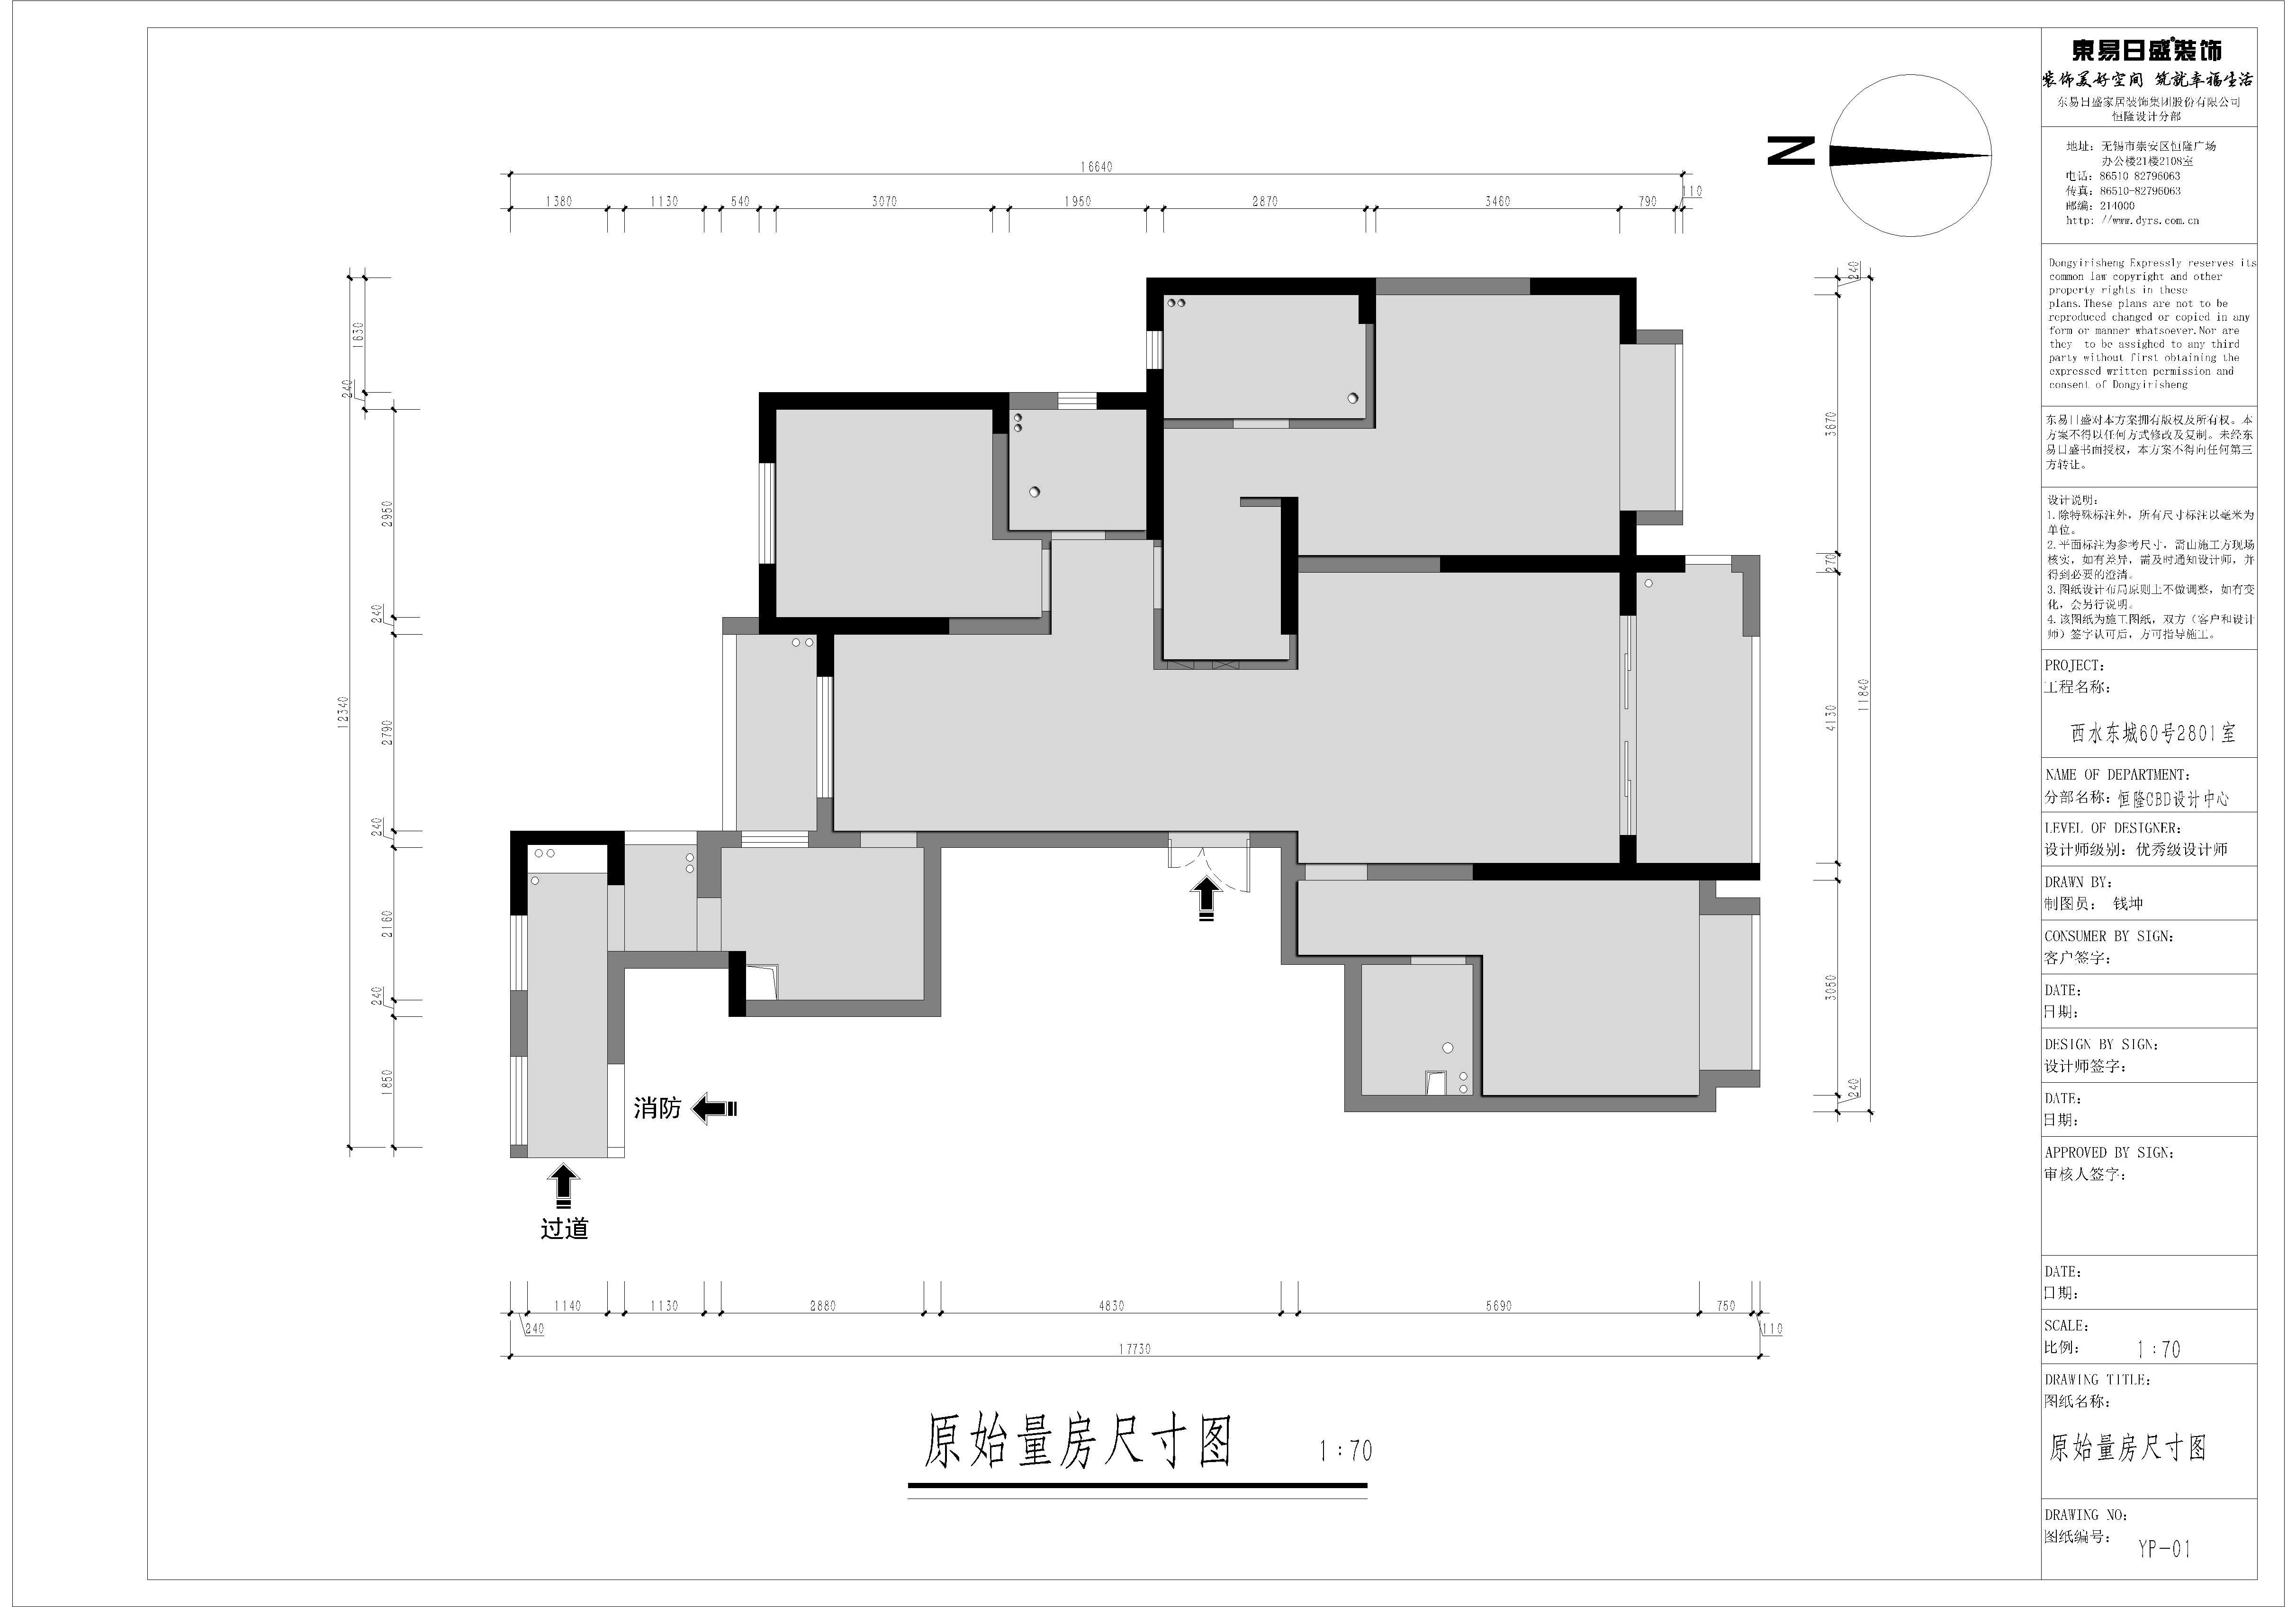 西水东156㎡美式装修设计理念